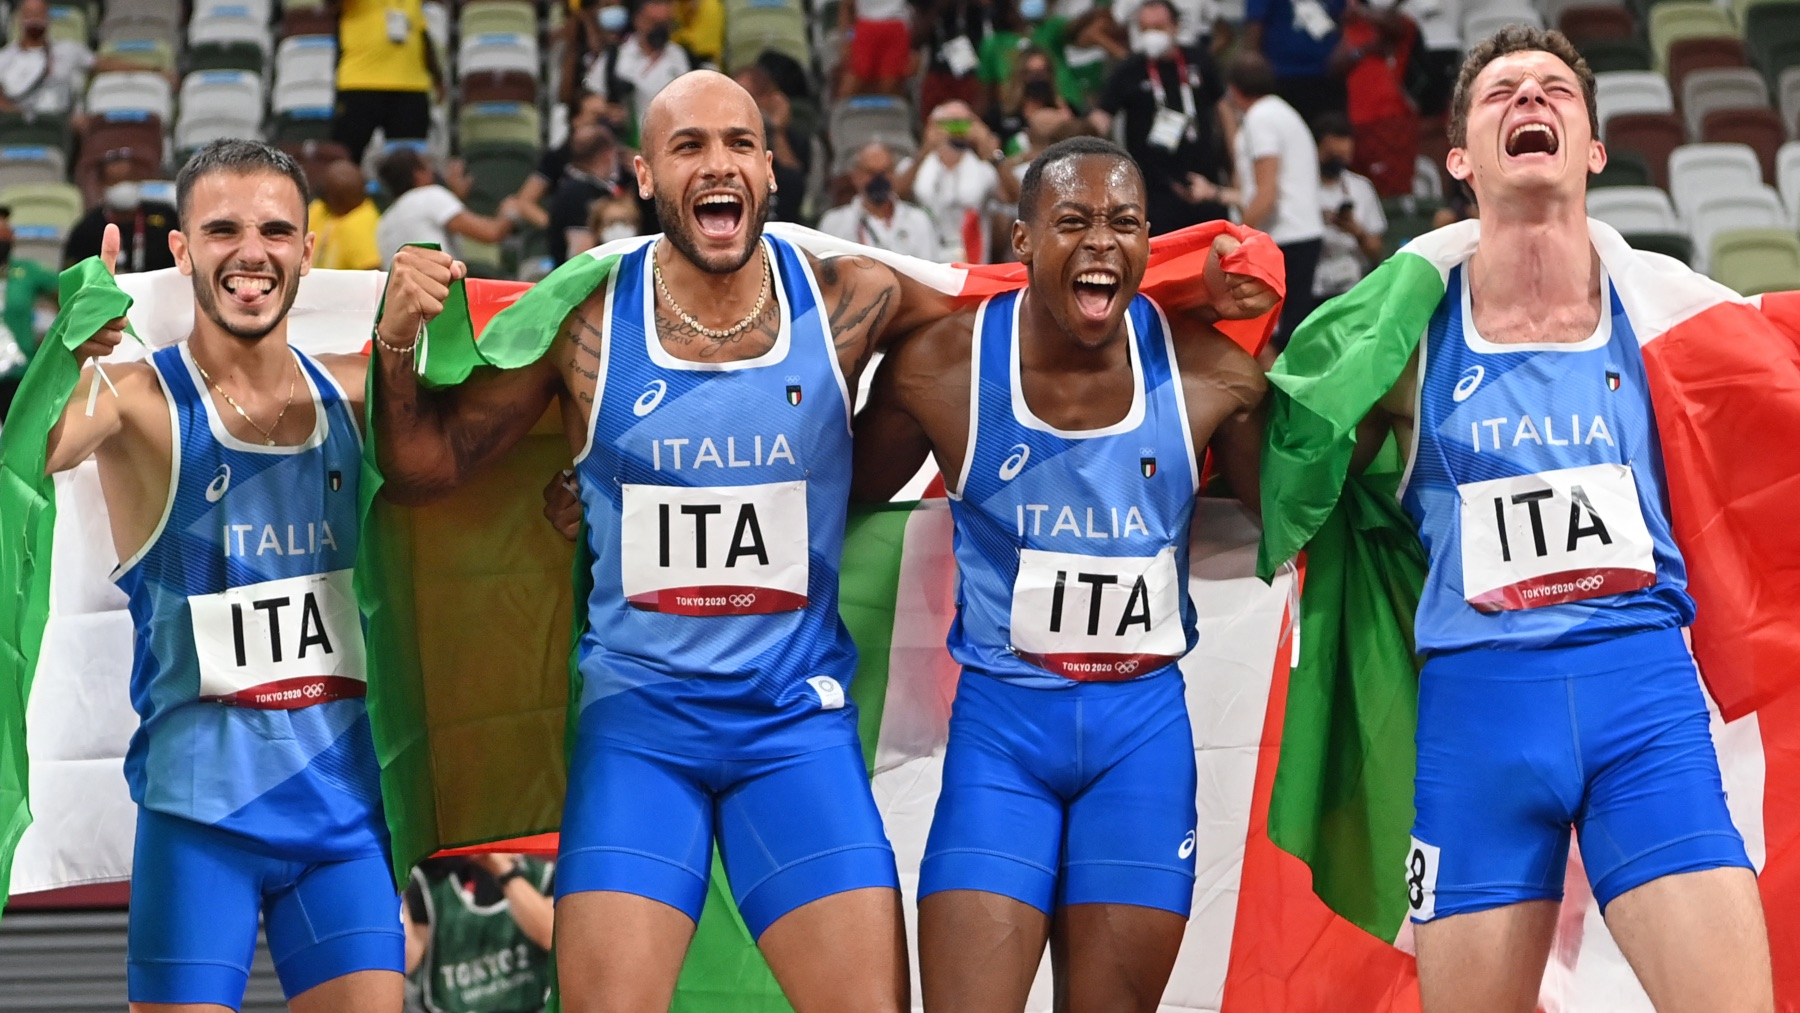 Los ganadores italianos del 4×100, entre ellos Jacobs y Tortu. (AFP)